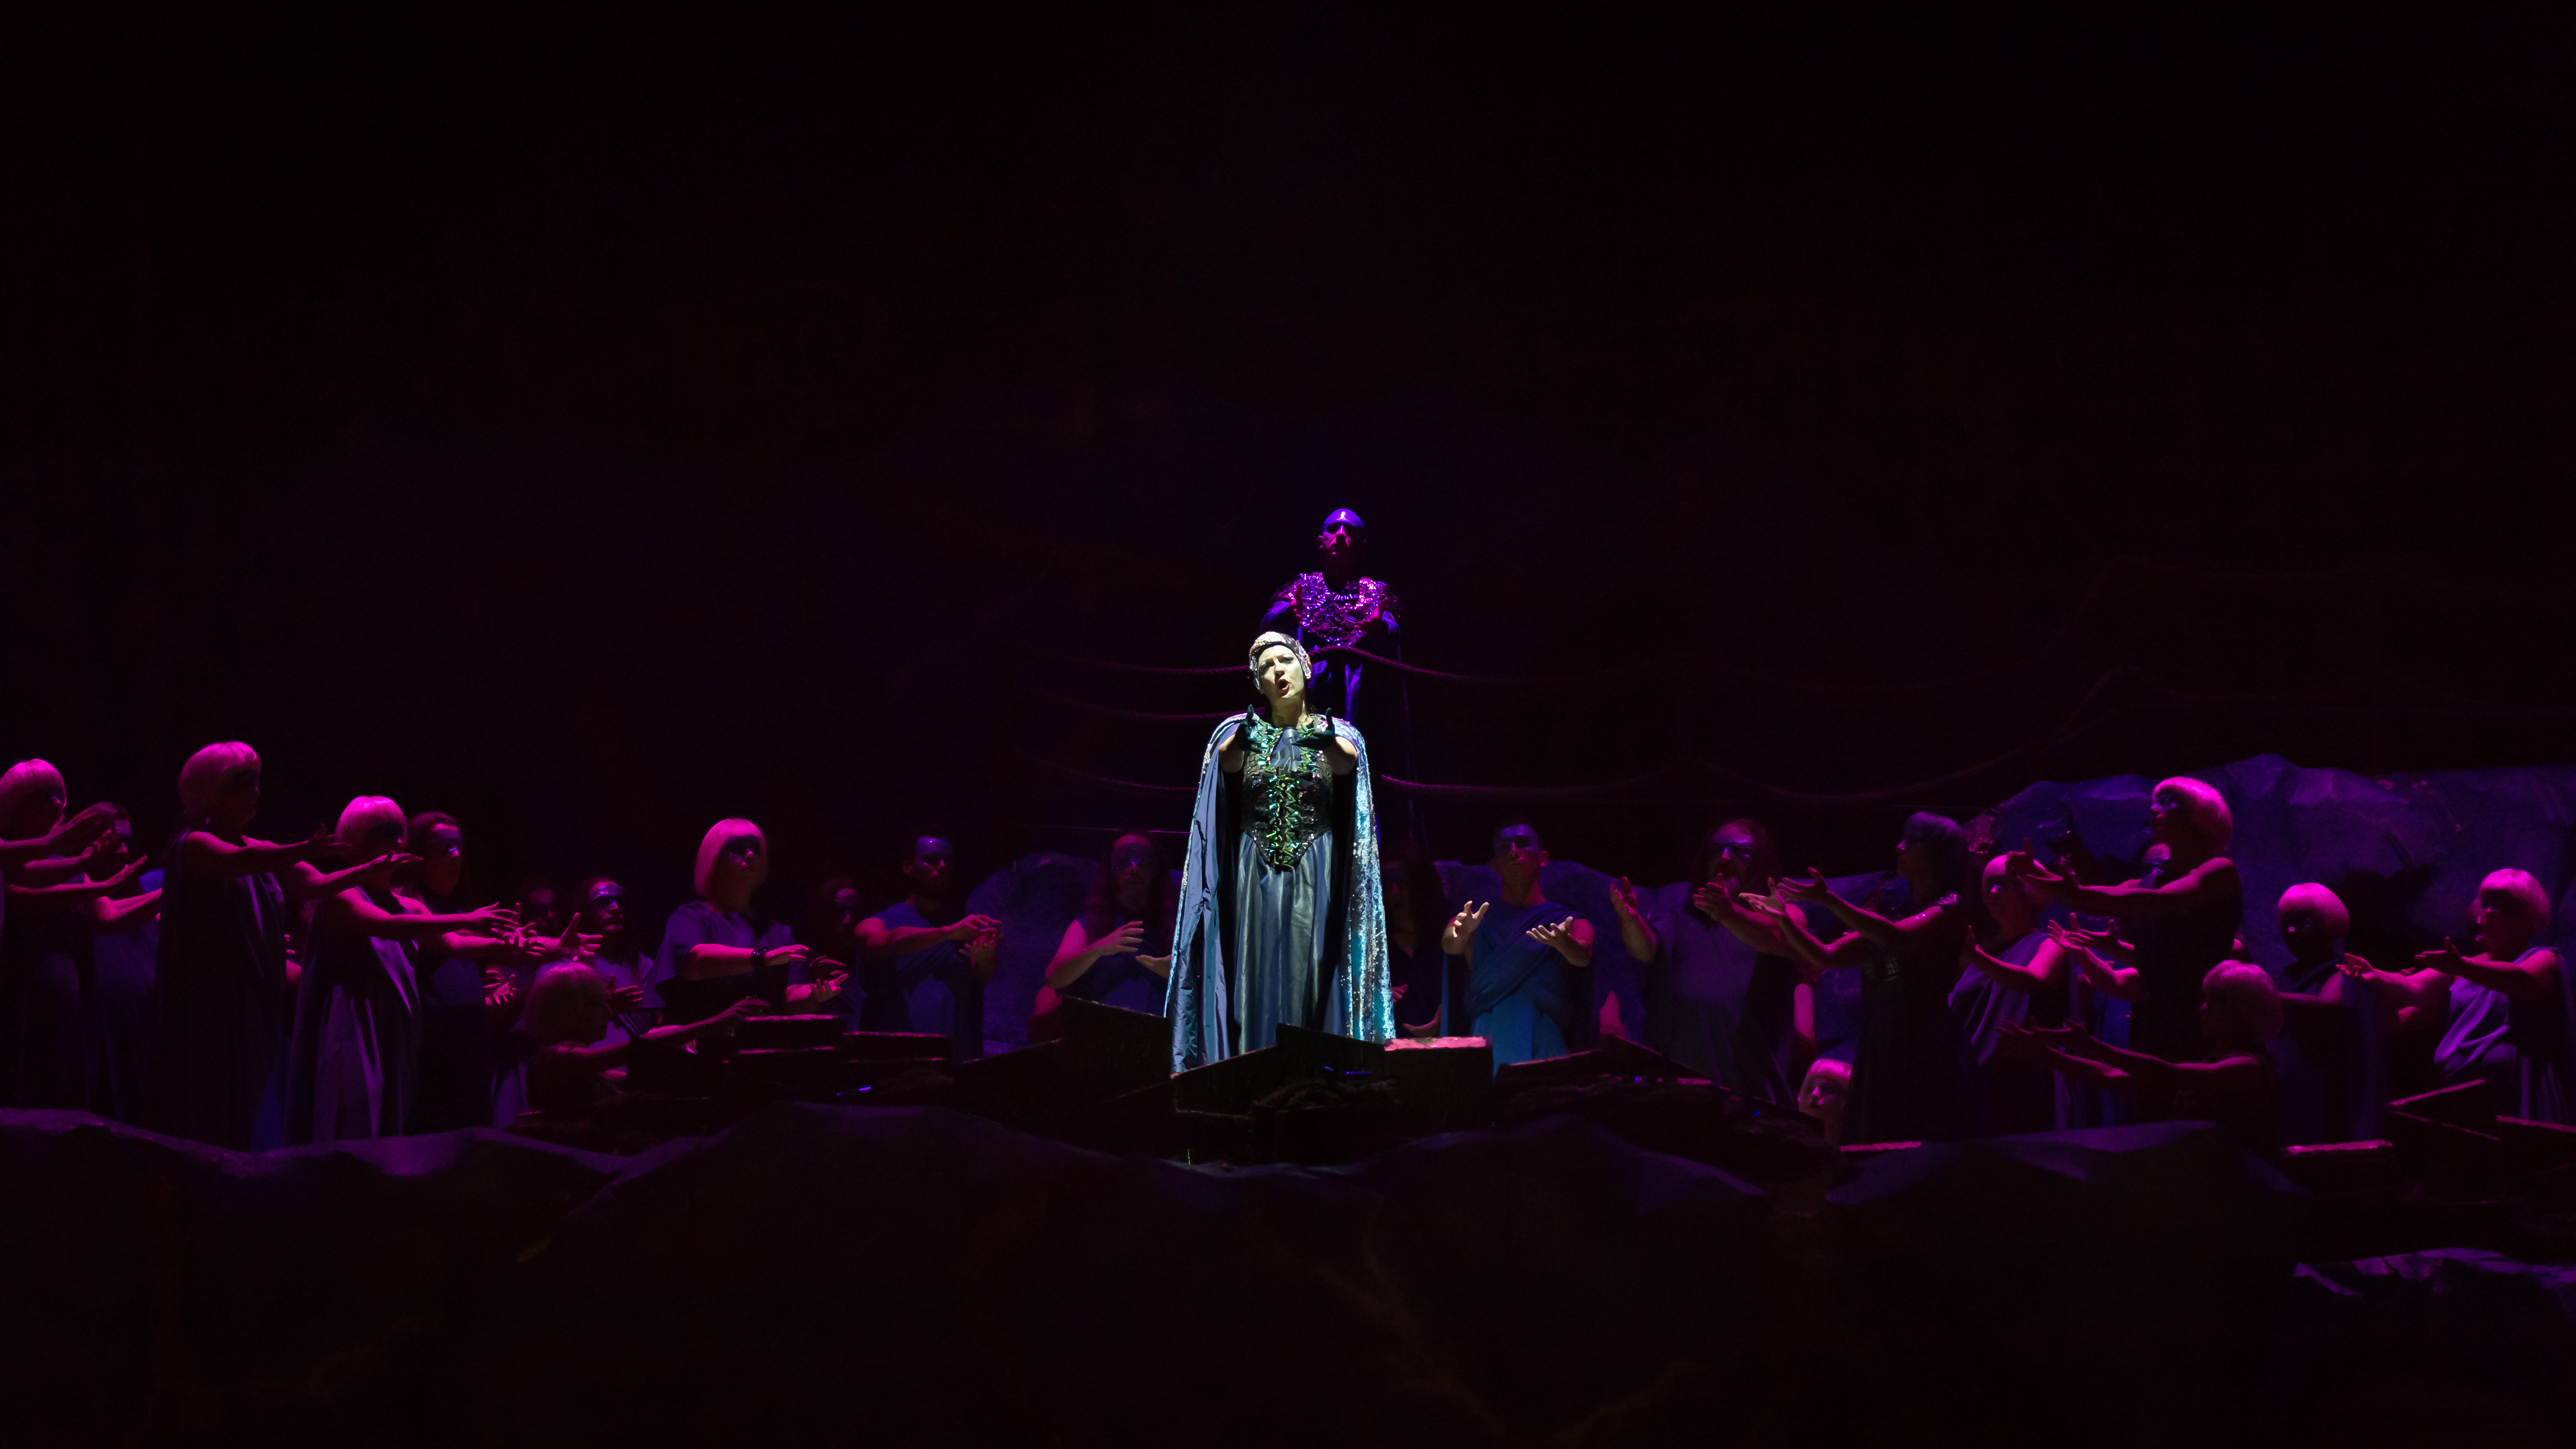 Norma_(Officielles)_©_Lorraine_Wauters_-_Opéra_Royal_de_Wallonie-4